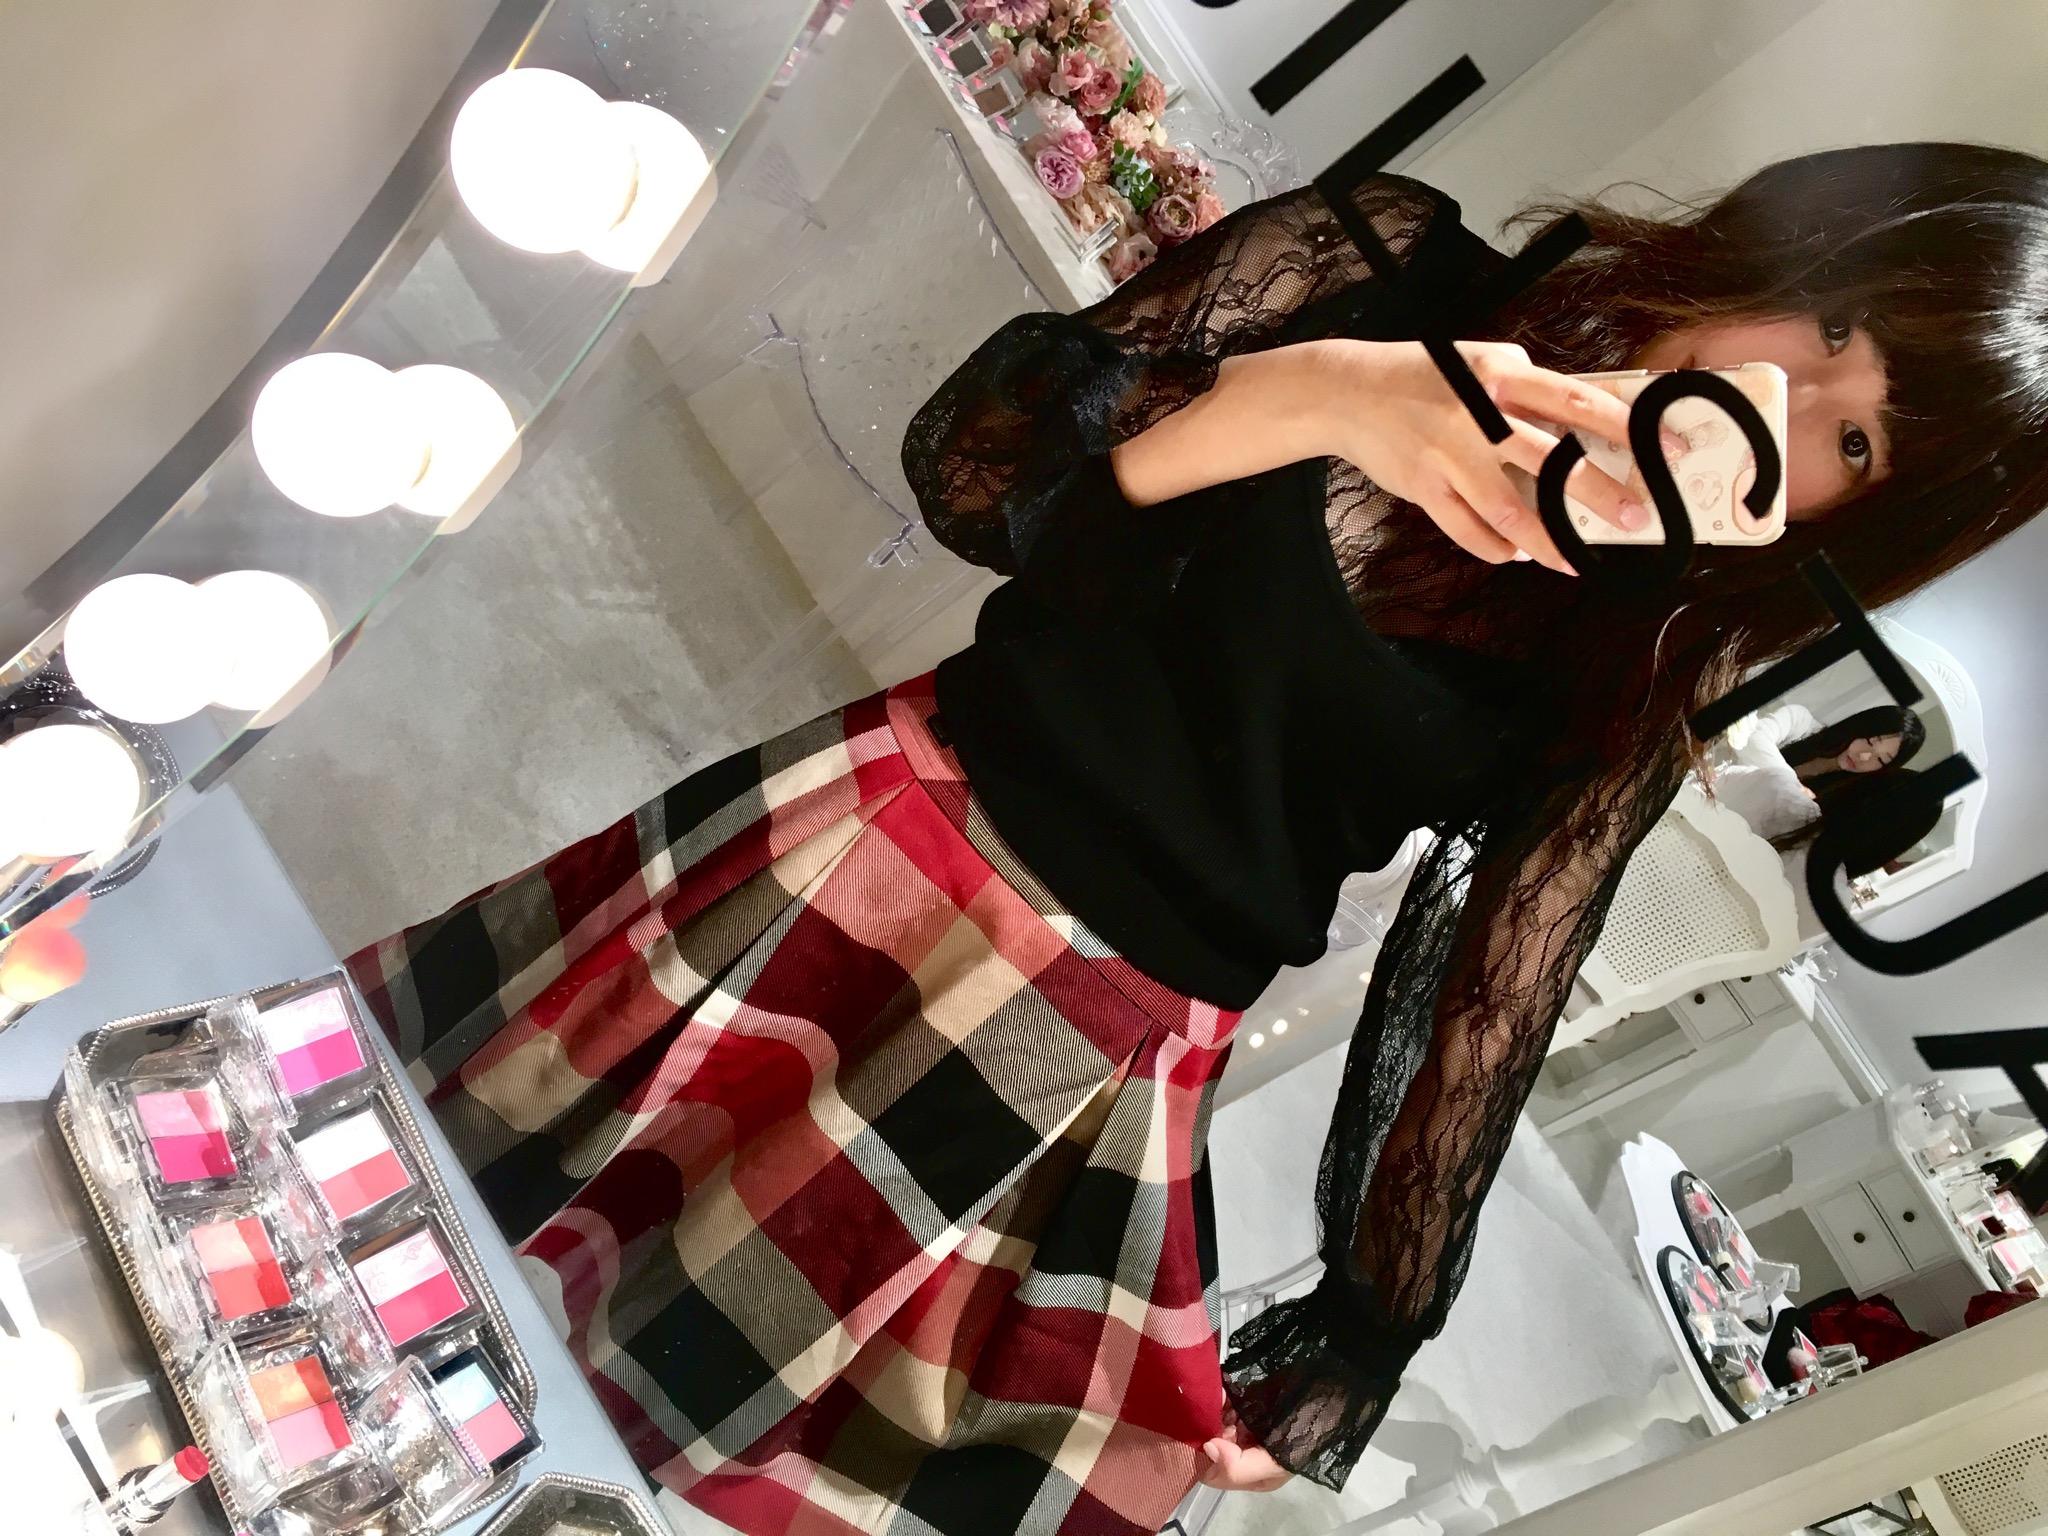 【今週のコーデまとめvol.41】衣装チェンジ!?甘めカジュアル派の7days_4